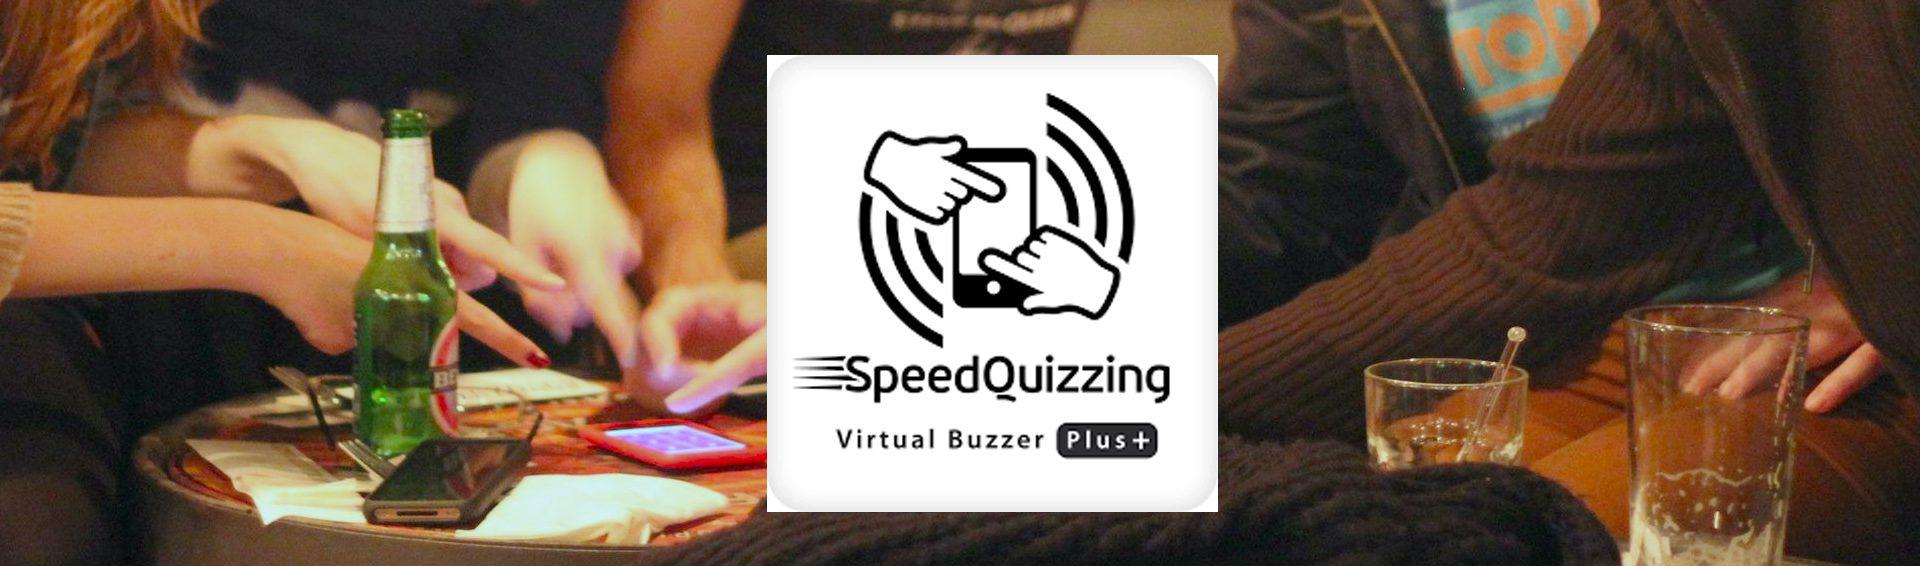 speedquizzing